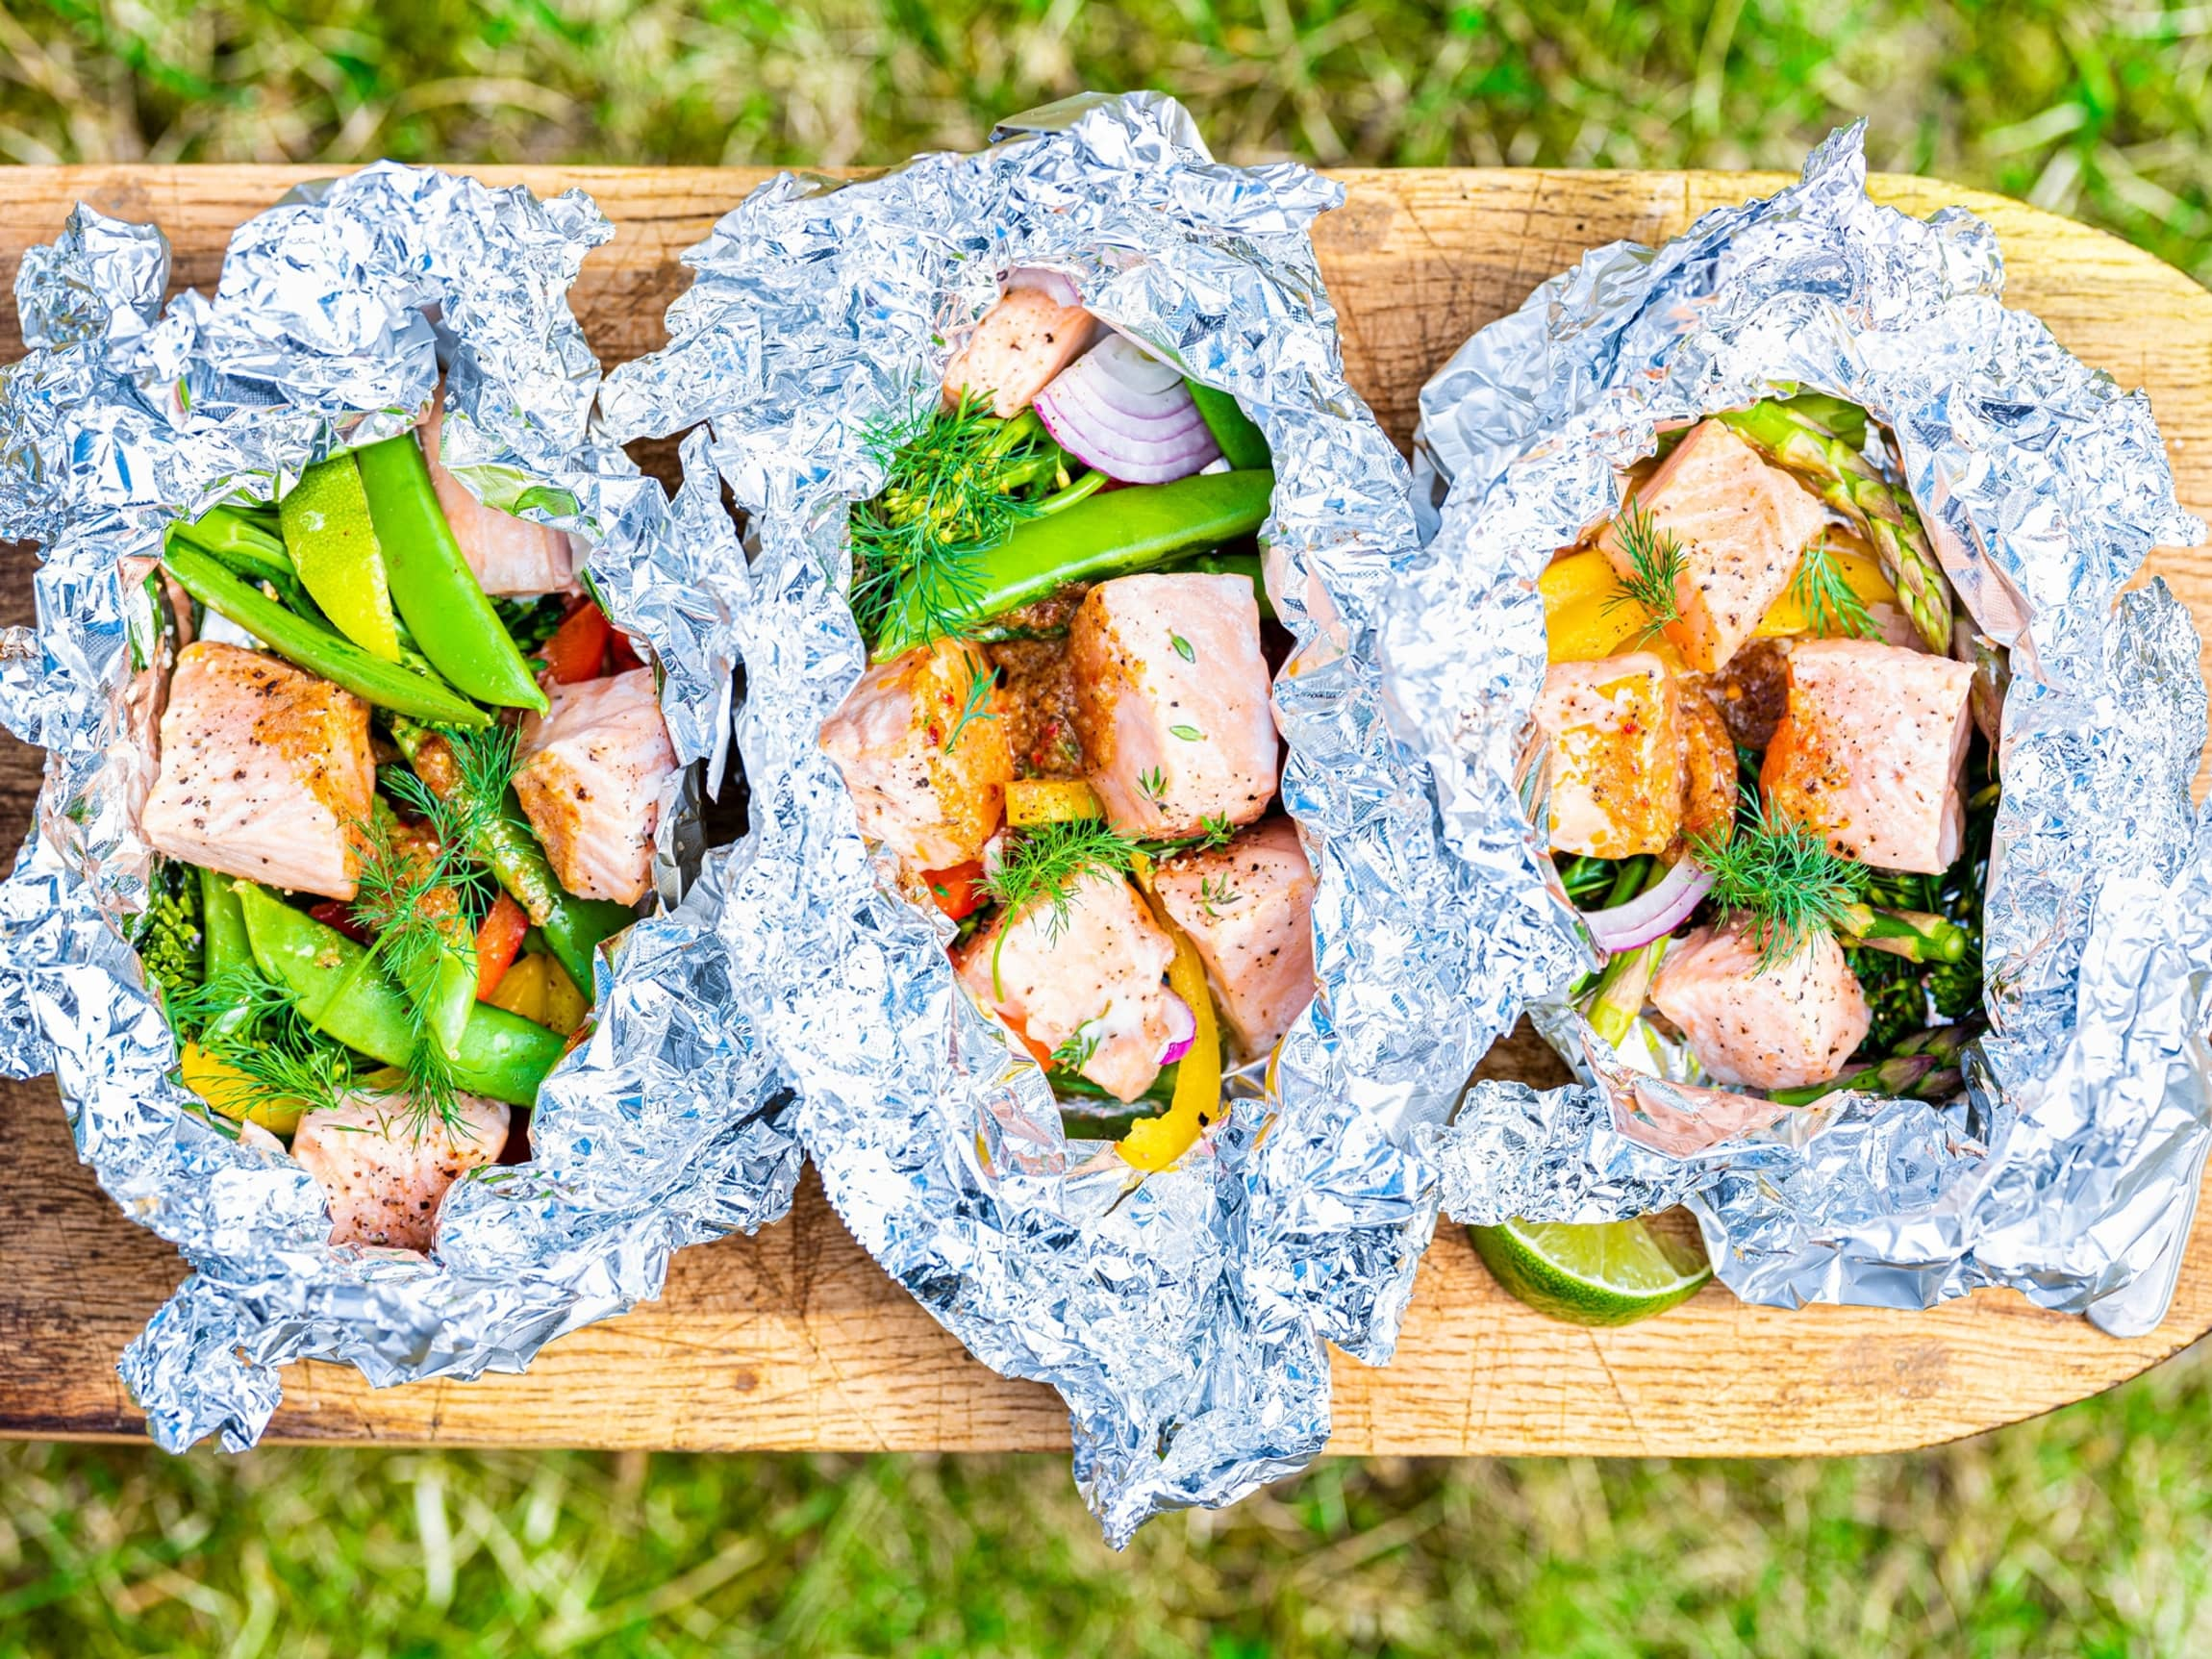 Enkel middag på grillen? Legg fiskebiter og gode grønnsaker i aluminiumsfolie med litt smør, kryddersmør eller god marinade.